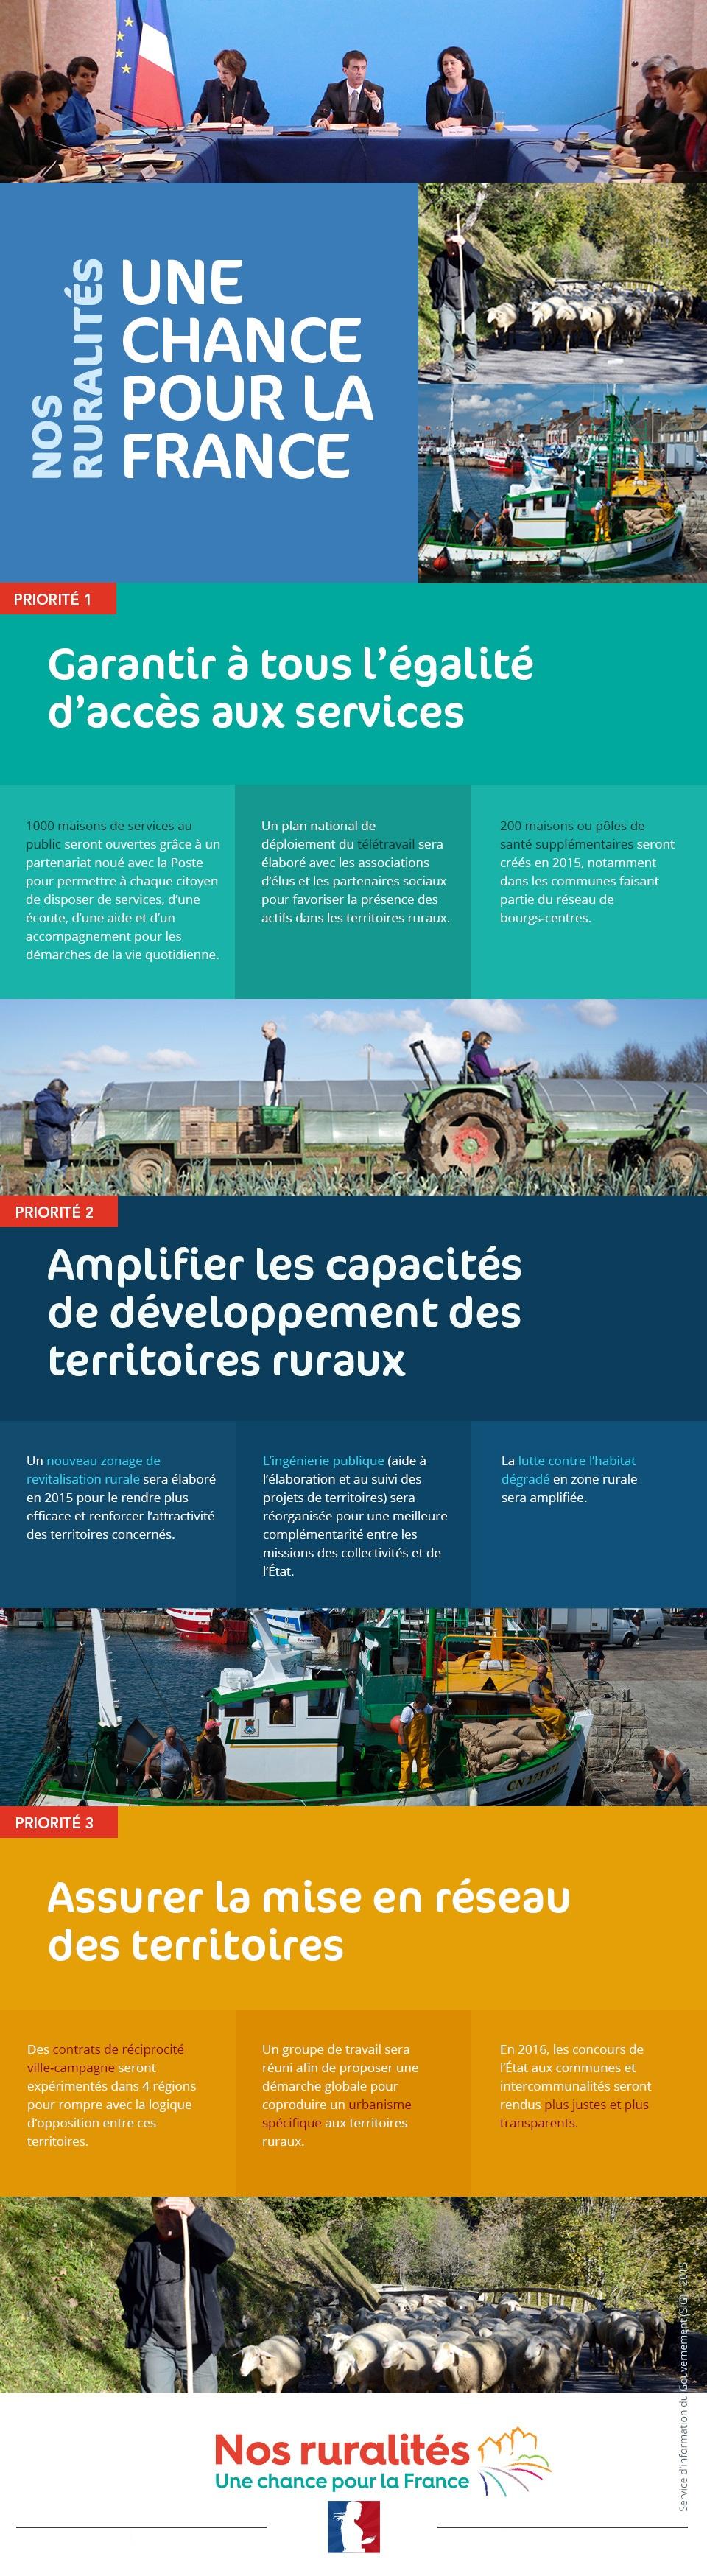 Infographie sur le comité interministériel aux ruralités  - voir en plus grand